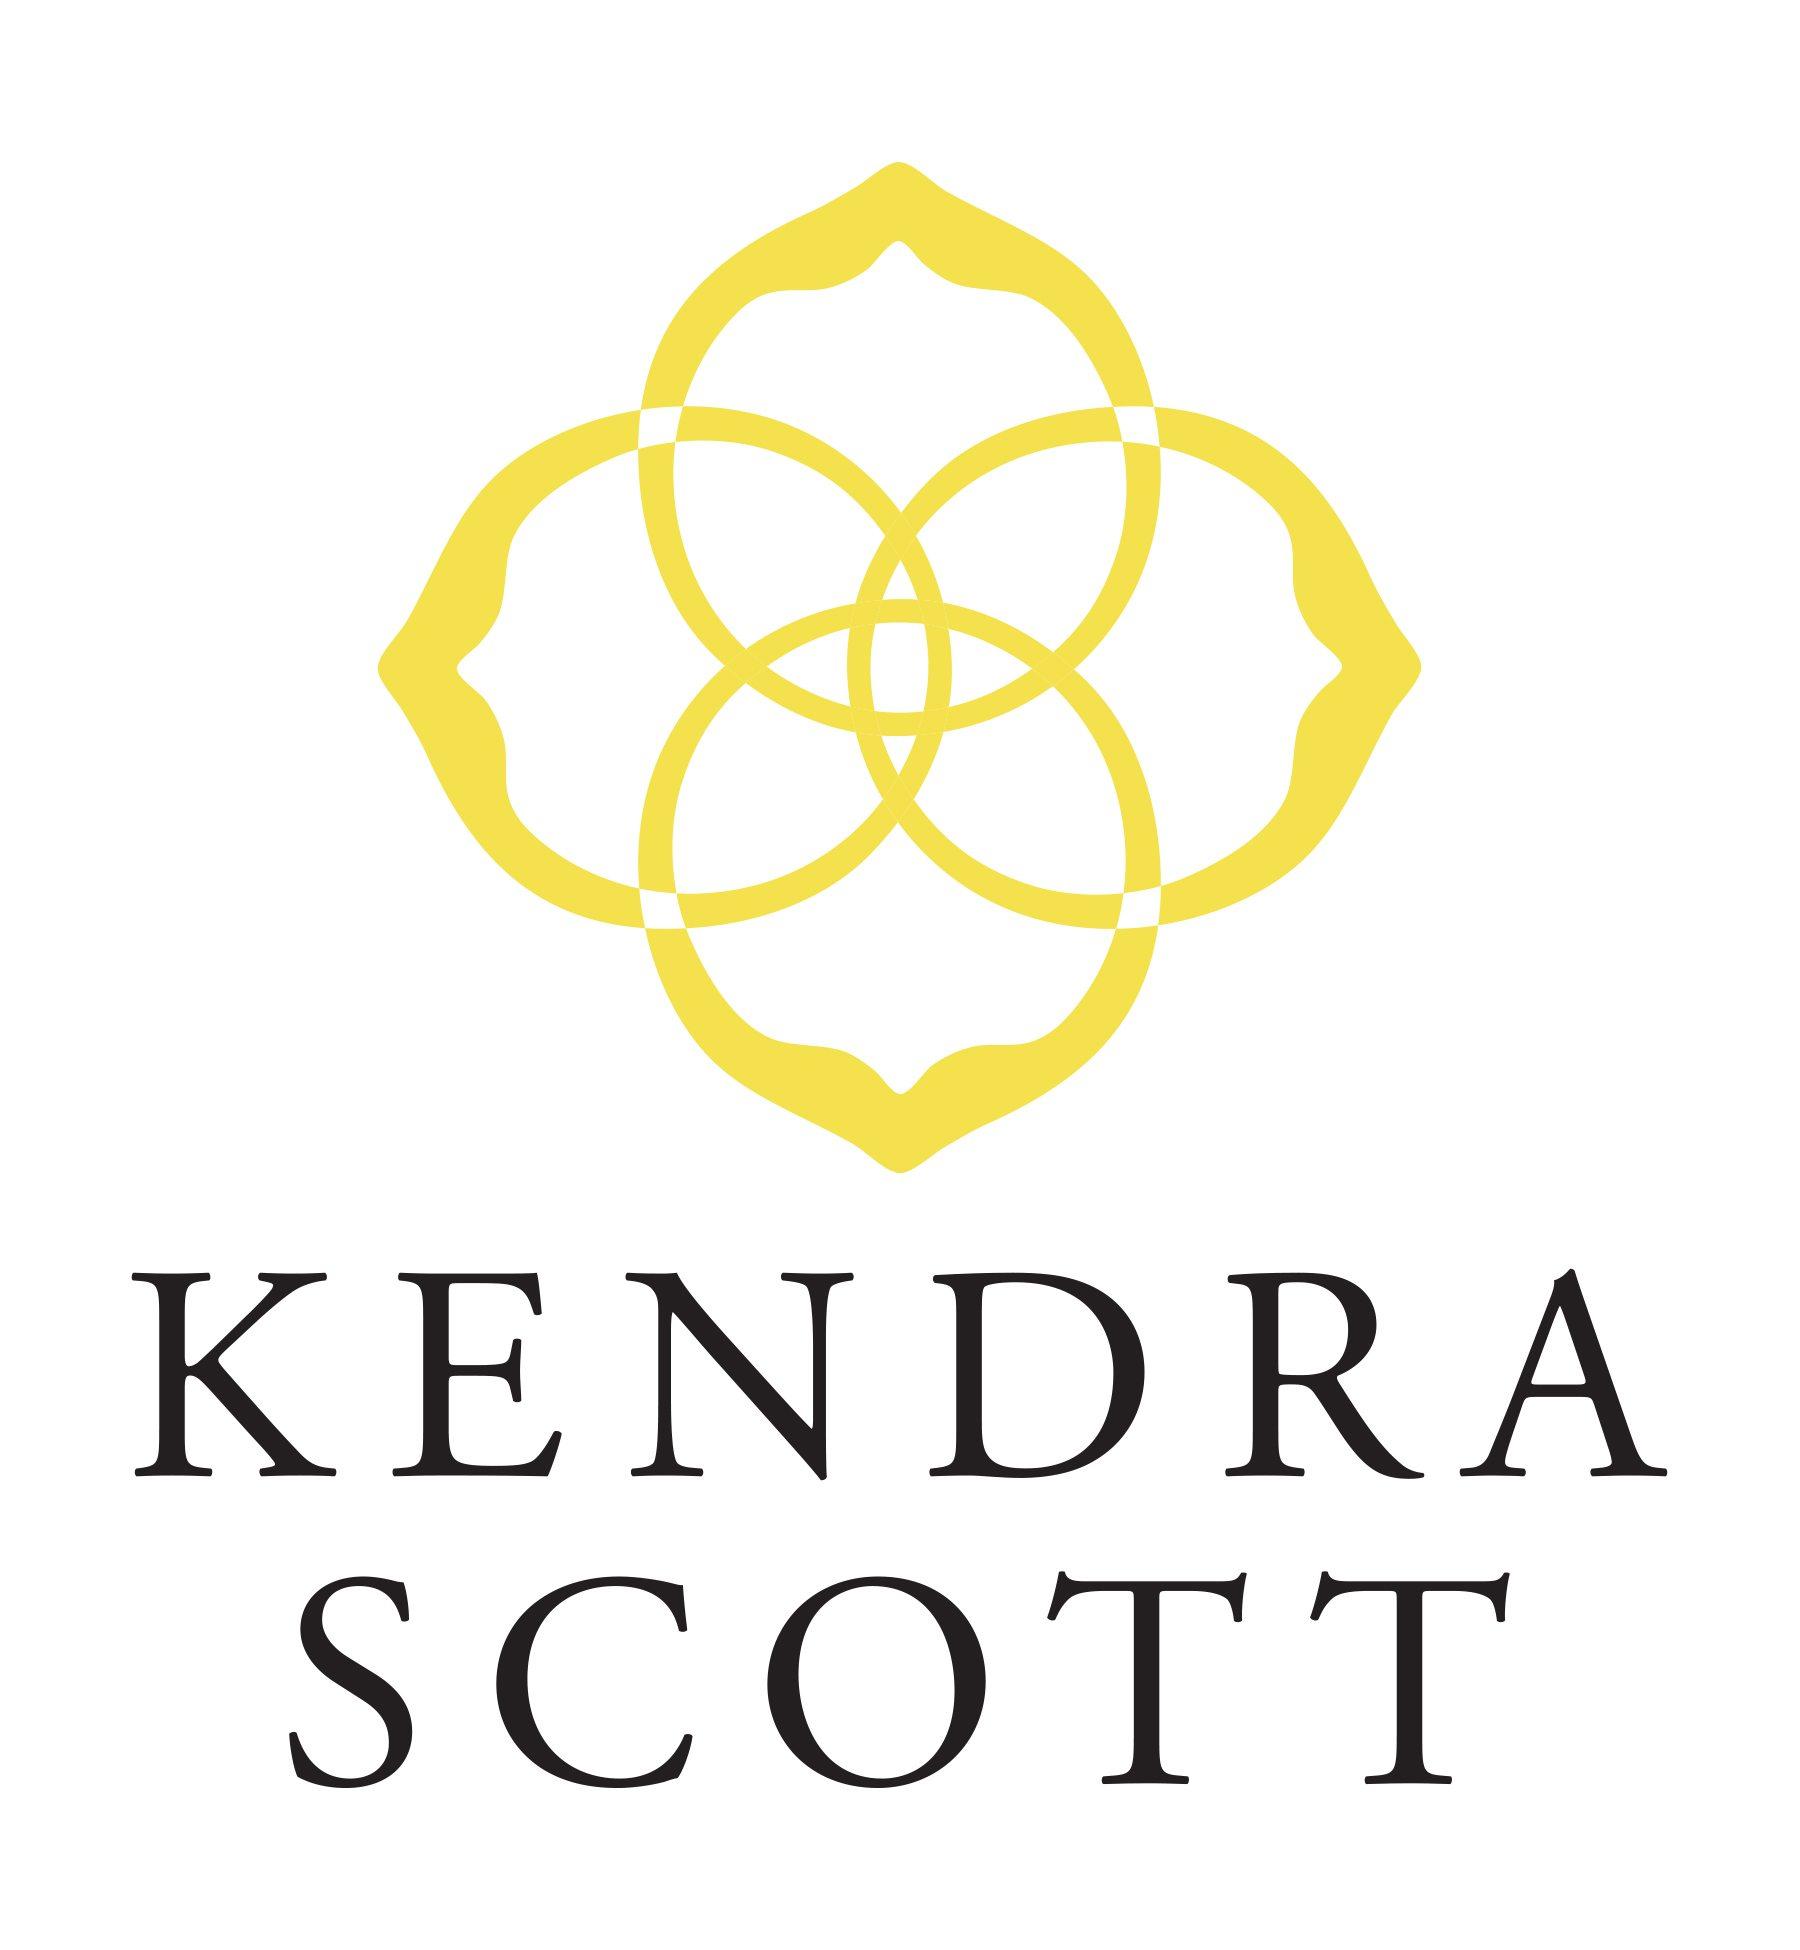 Kendra scott loto.jpeg